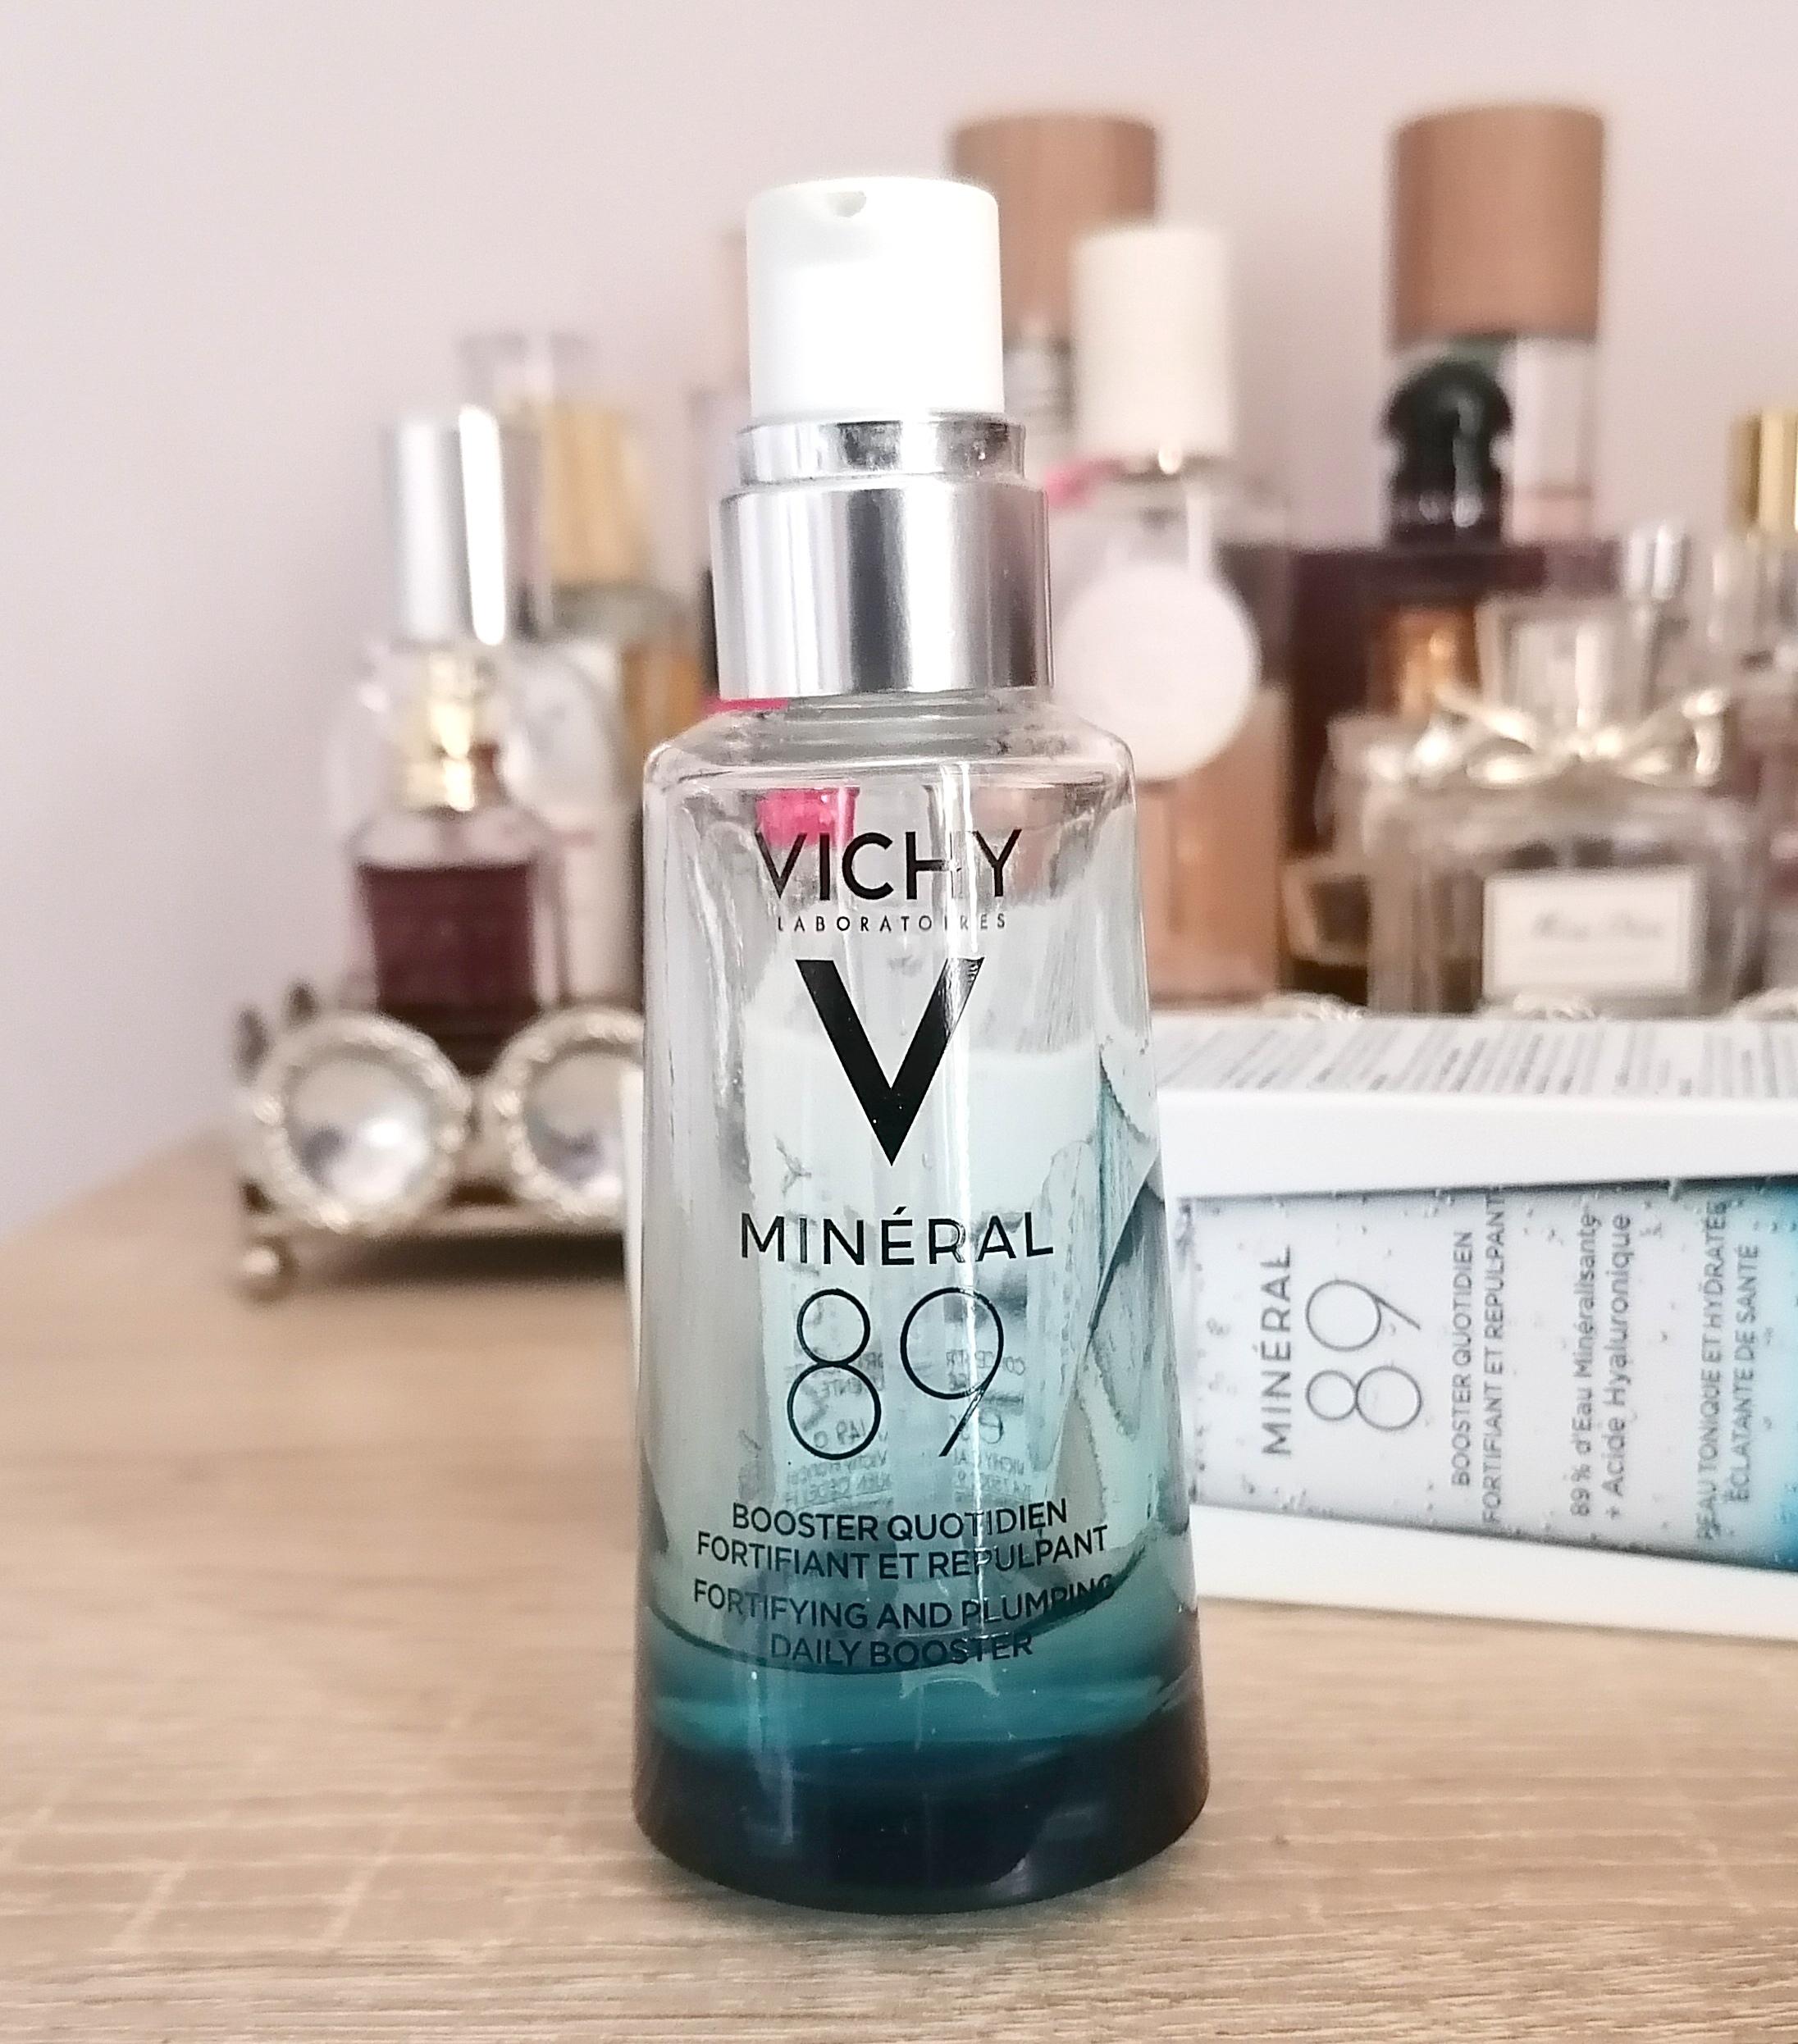 Minéral 89 de VICHY, mon avis! 💙